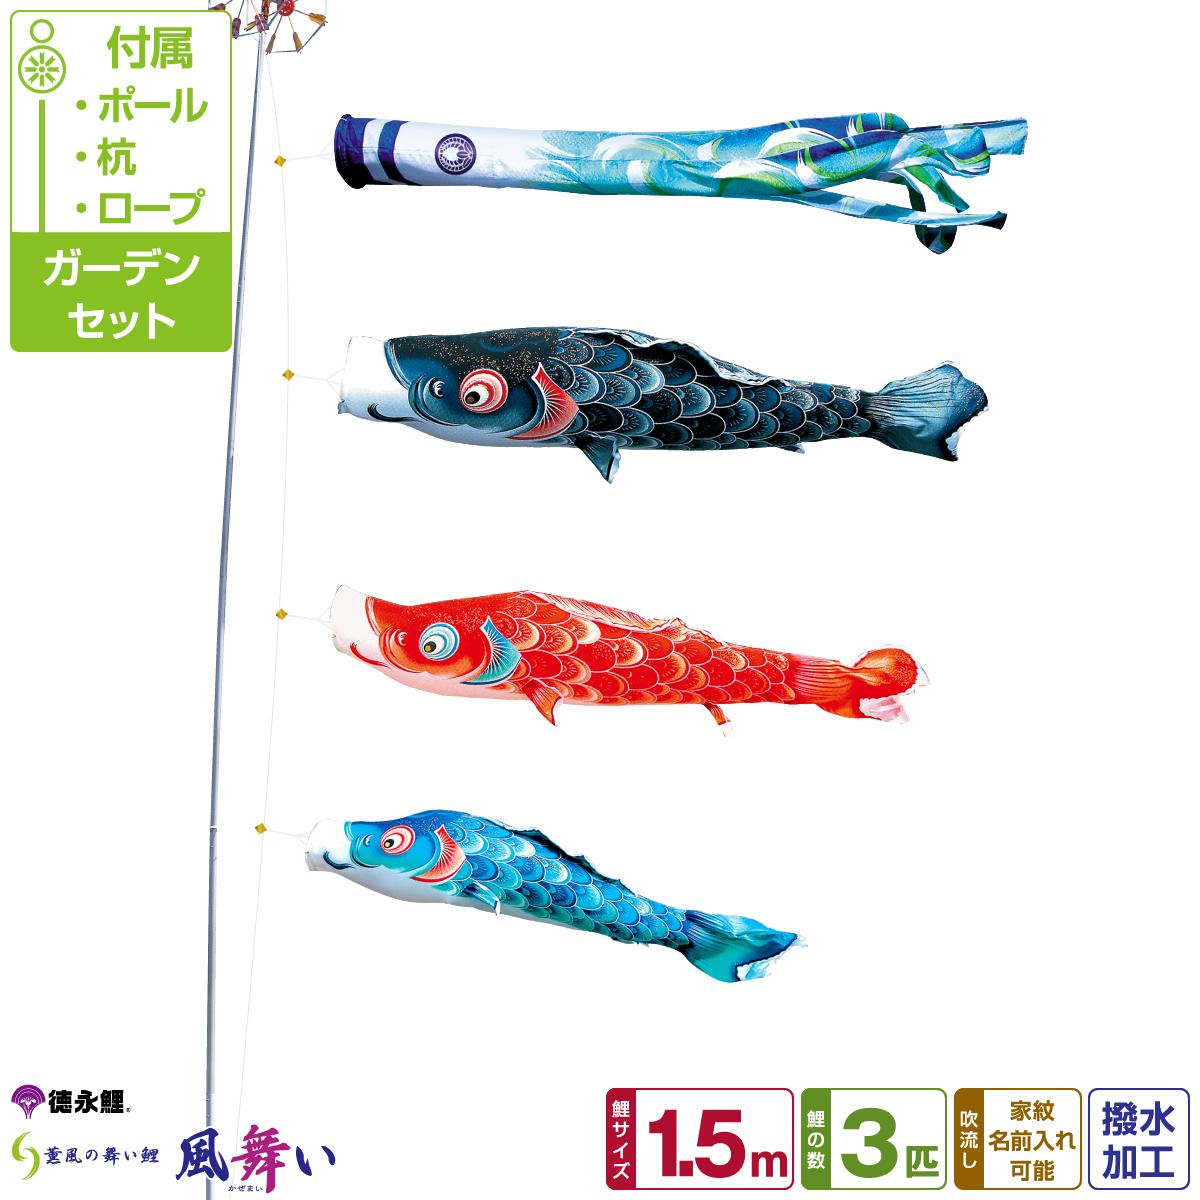 徳永鯉のぼり 風舞い鯉 1.5m 6点セット ガーデンセット 2019年初節句 端午の節句 こどもの日 こいのぼり